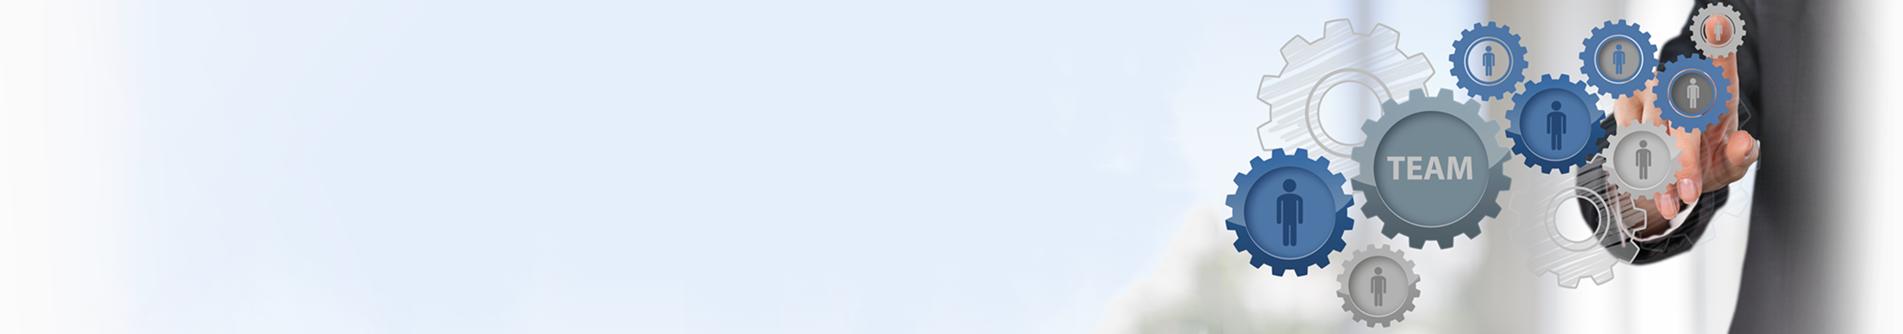 Provaria Geschäftsführung Softwarelösungen MS Dynamics SharePoint Azure Office 365